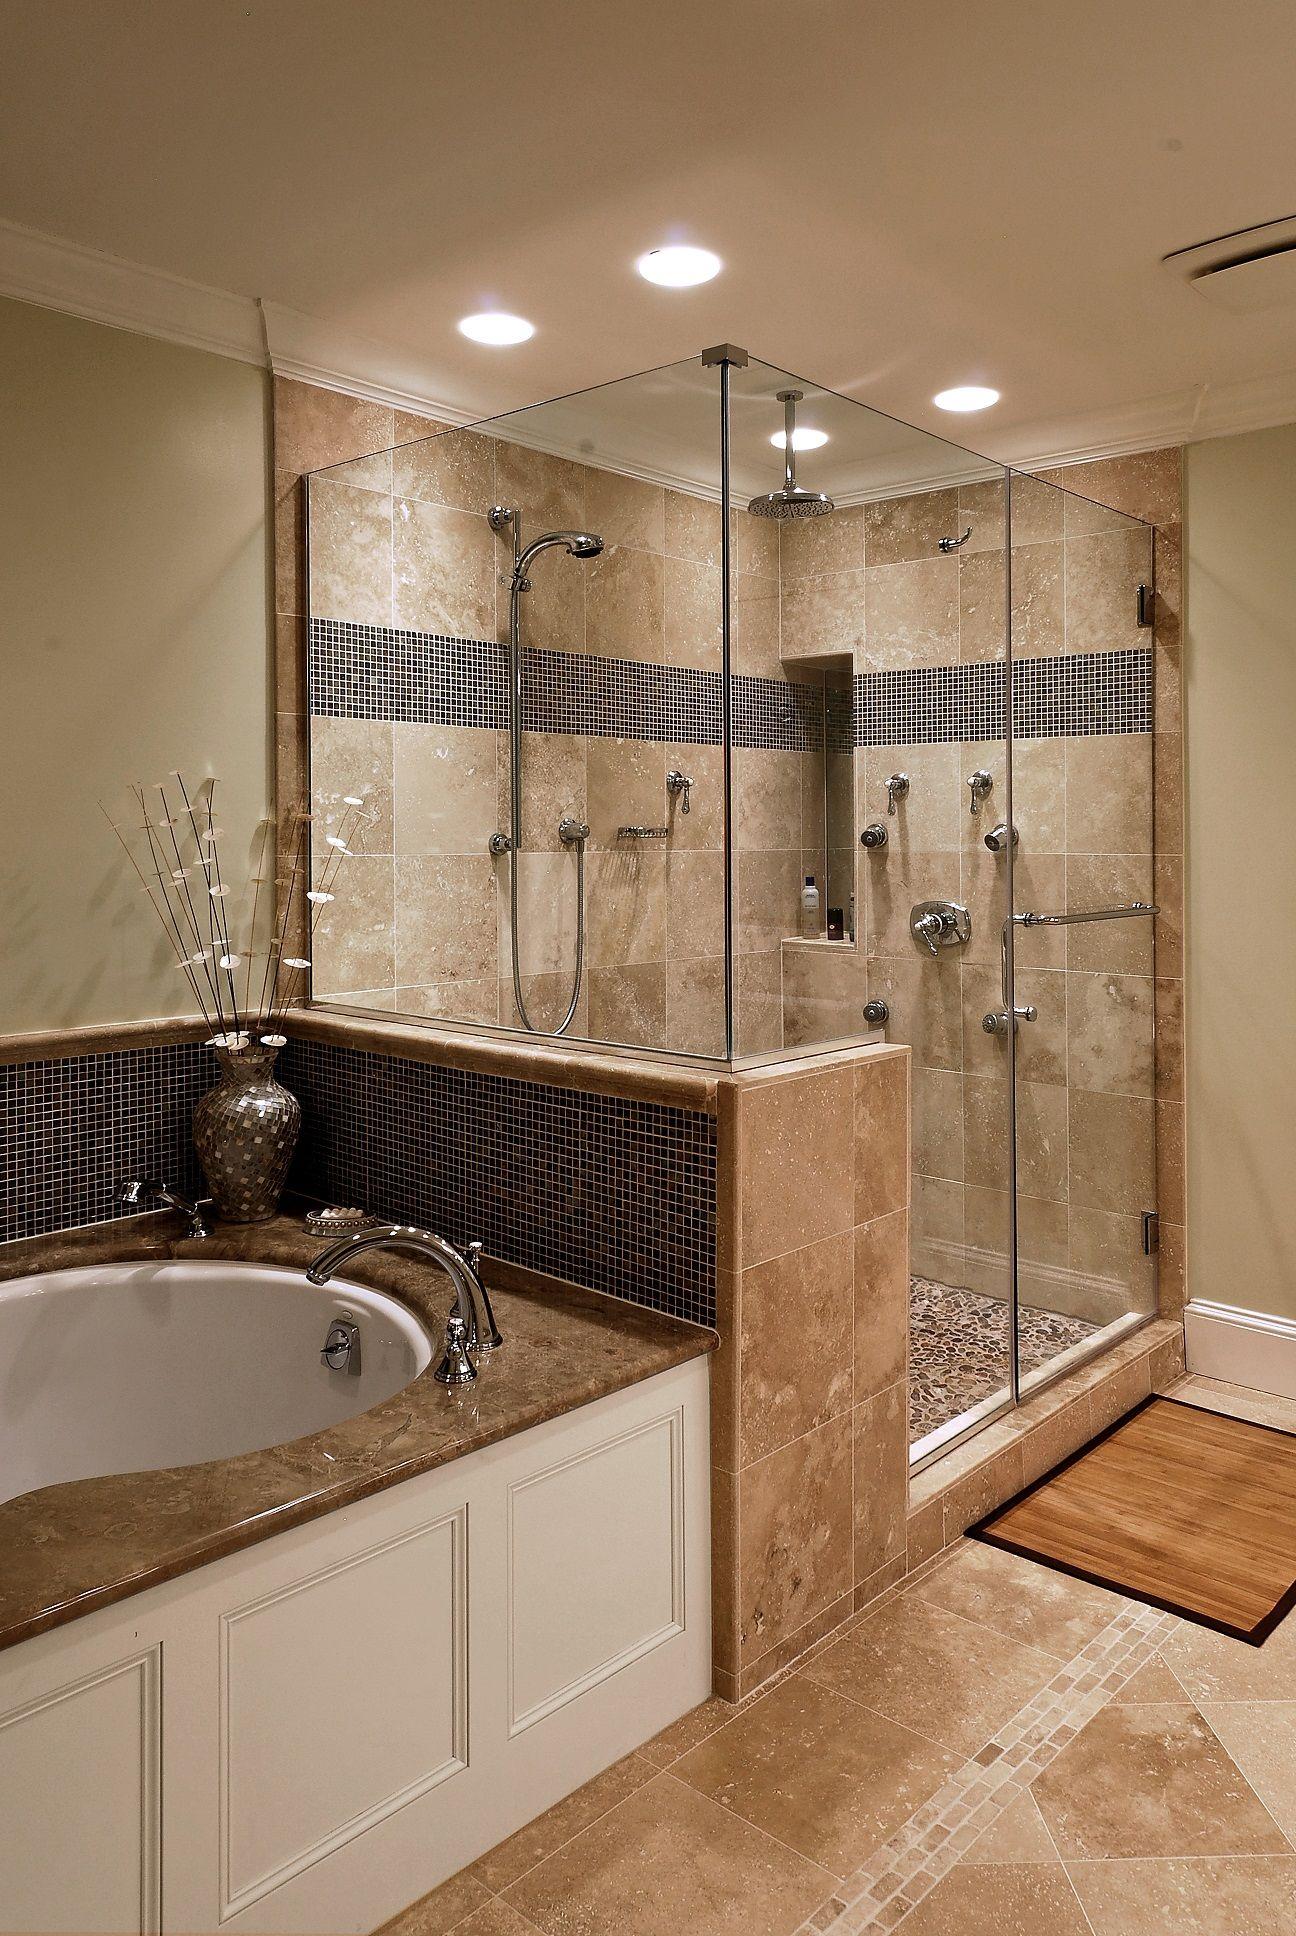 Arlington Remodel - Badkamers, Badkamer en Luxe huizen